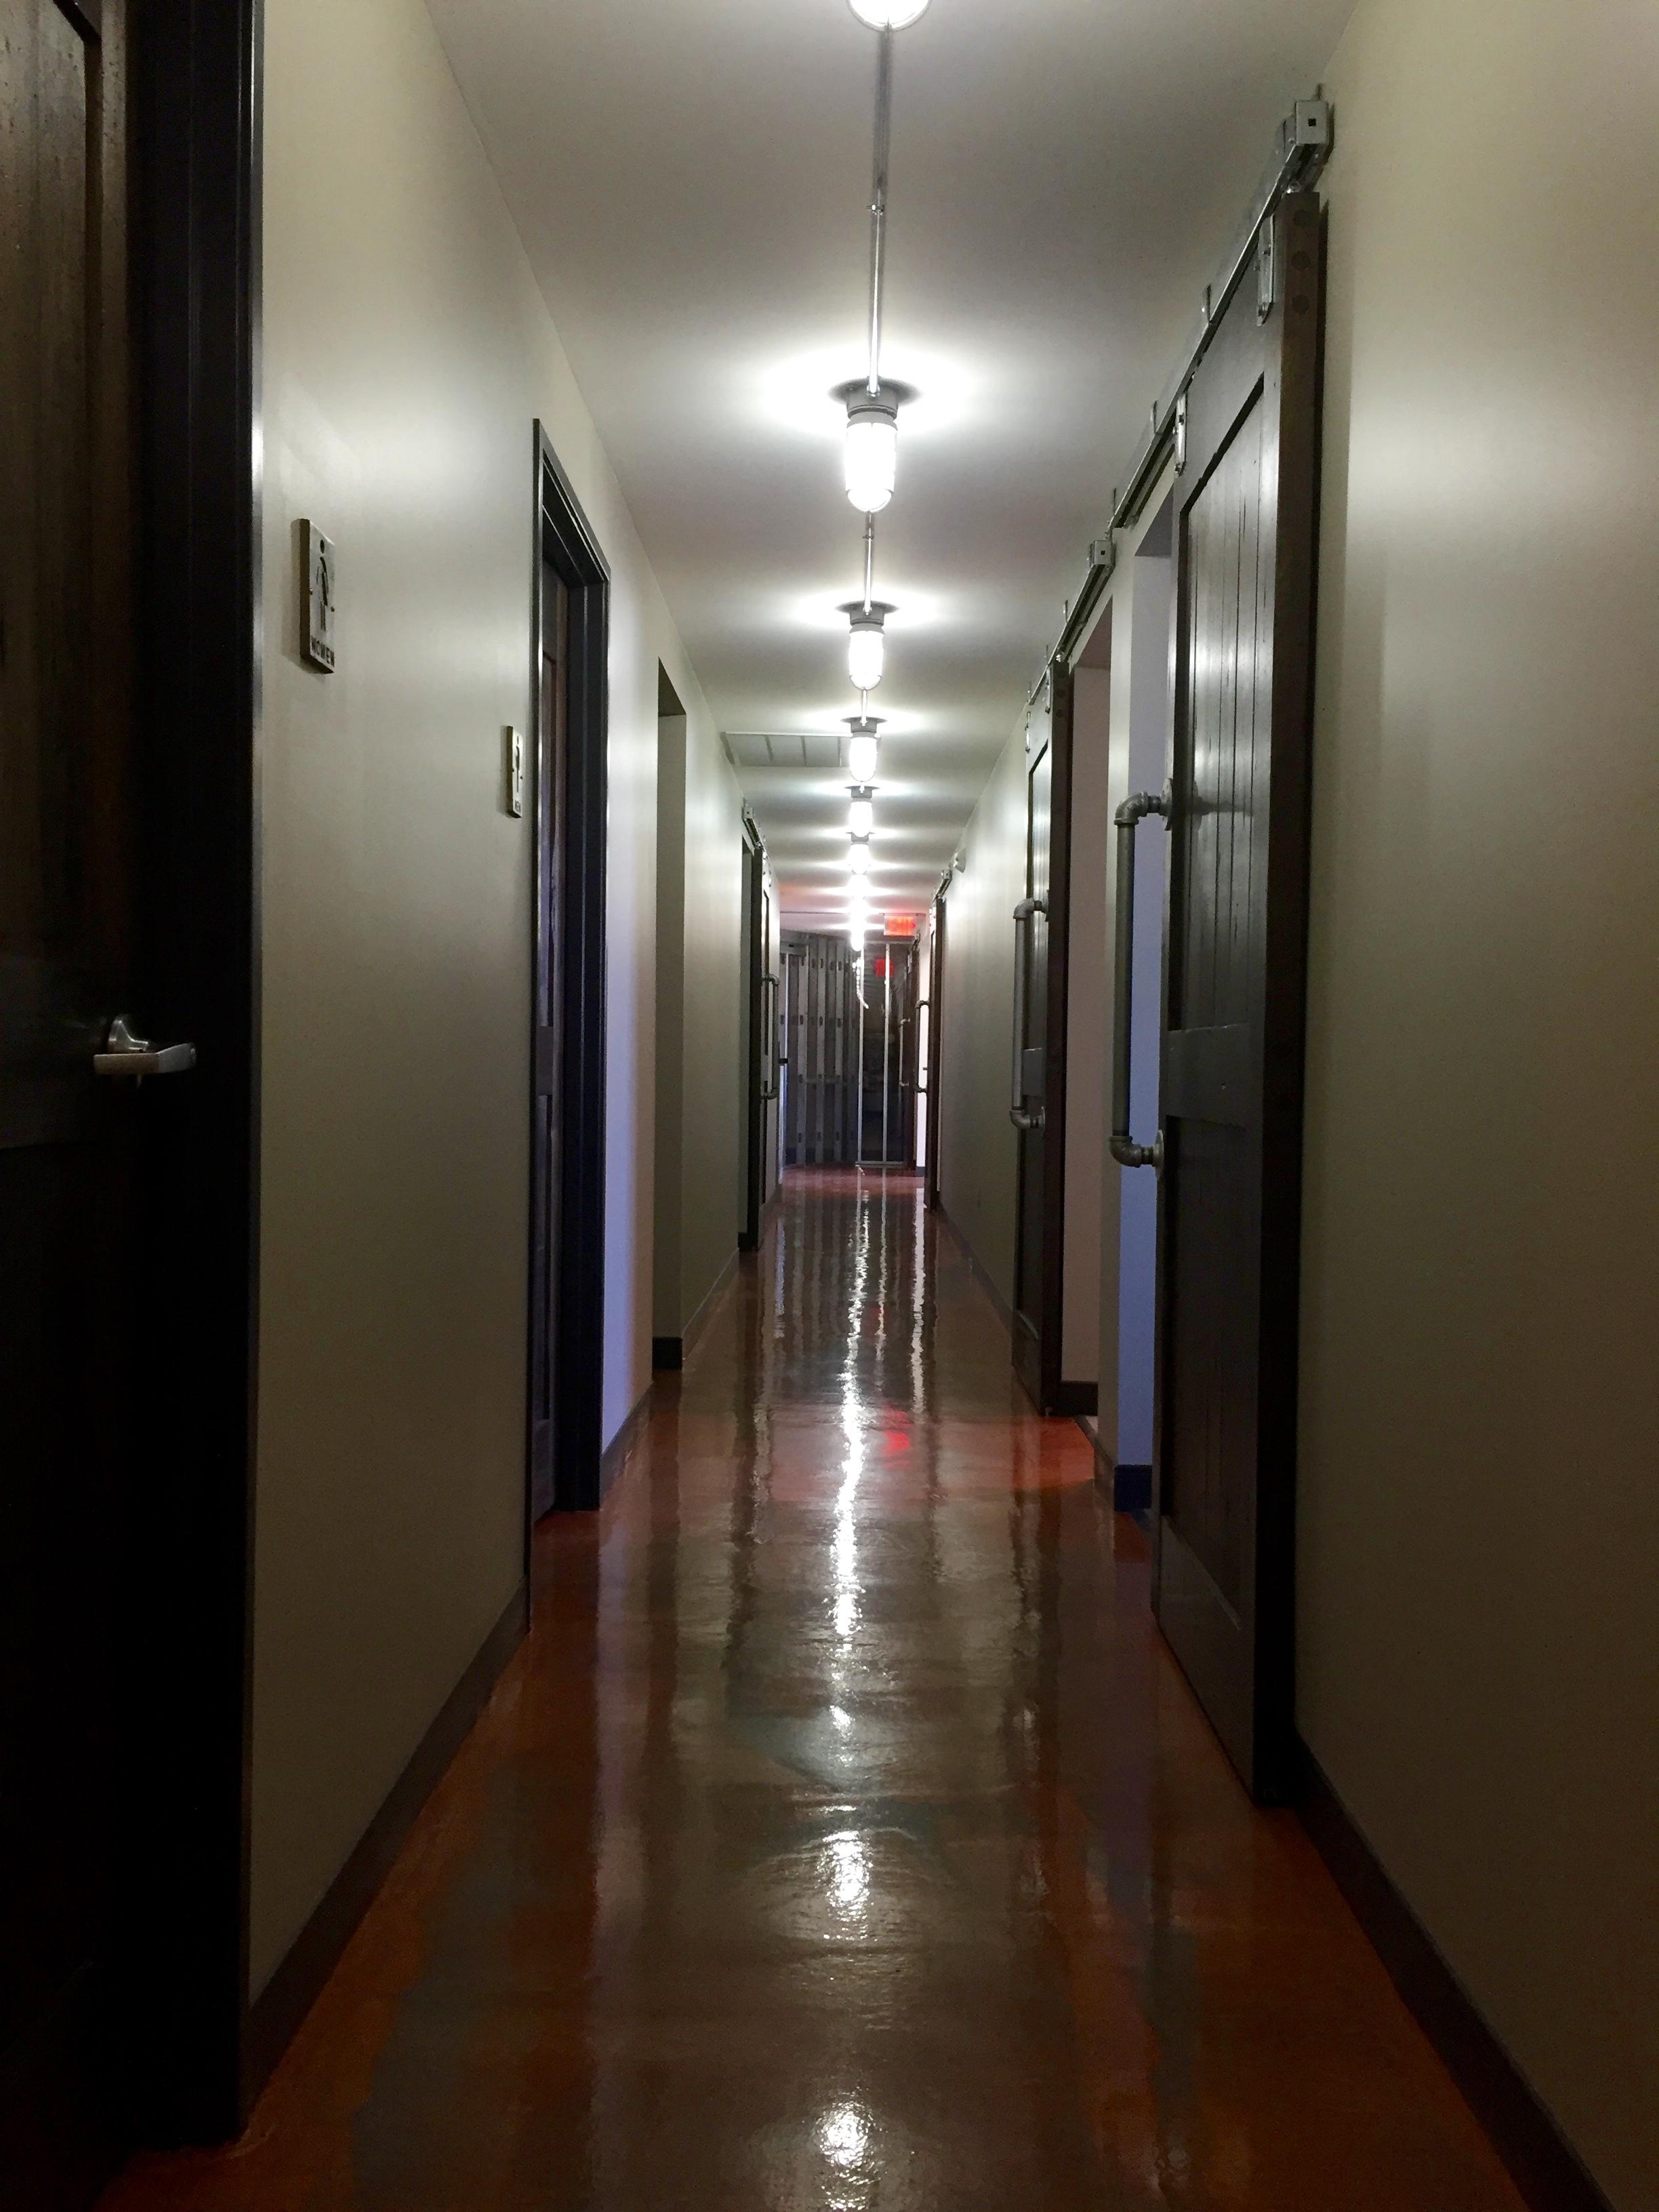 Marksmen Hallway